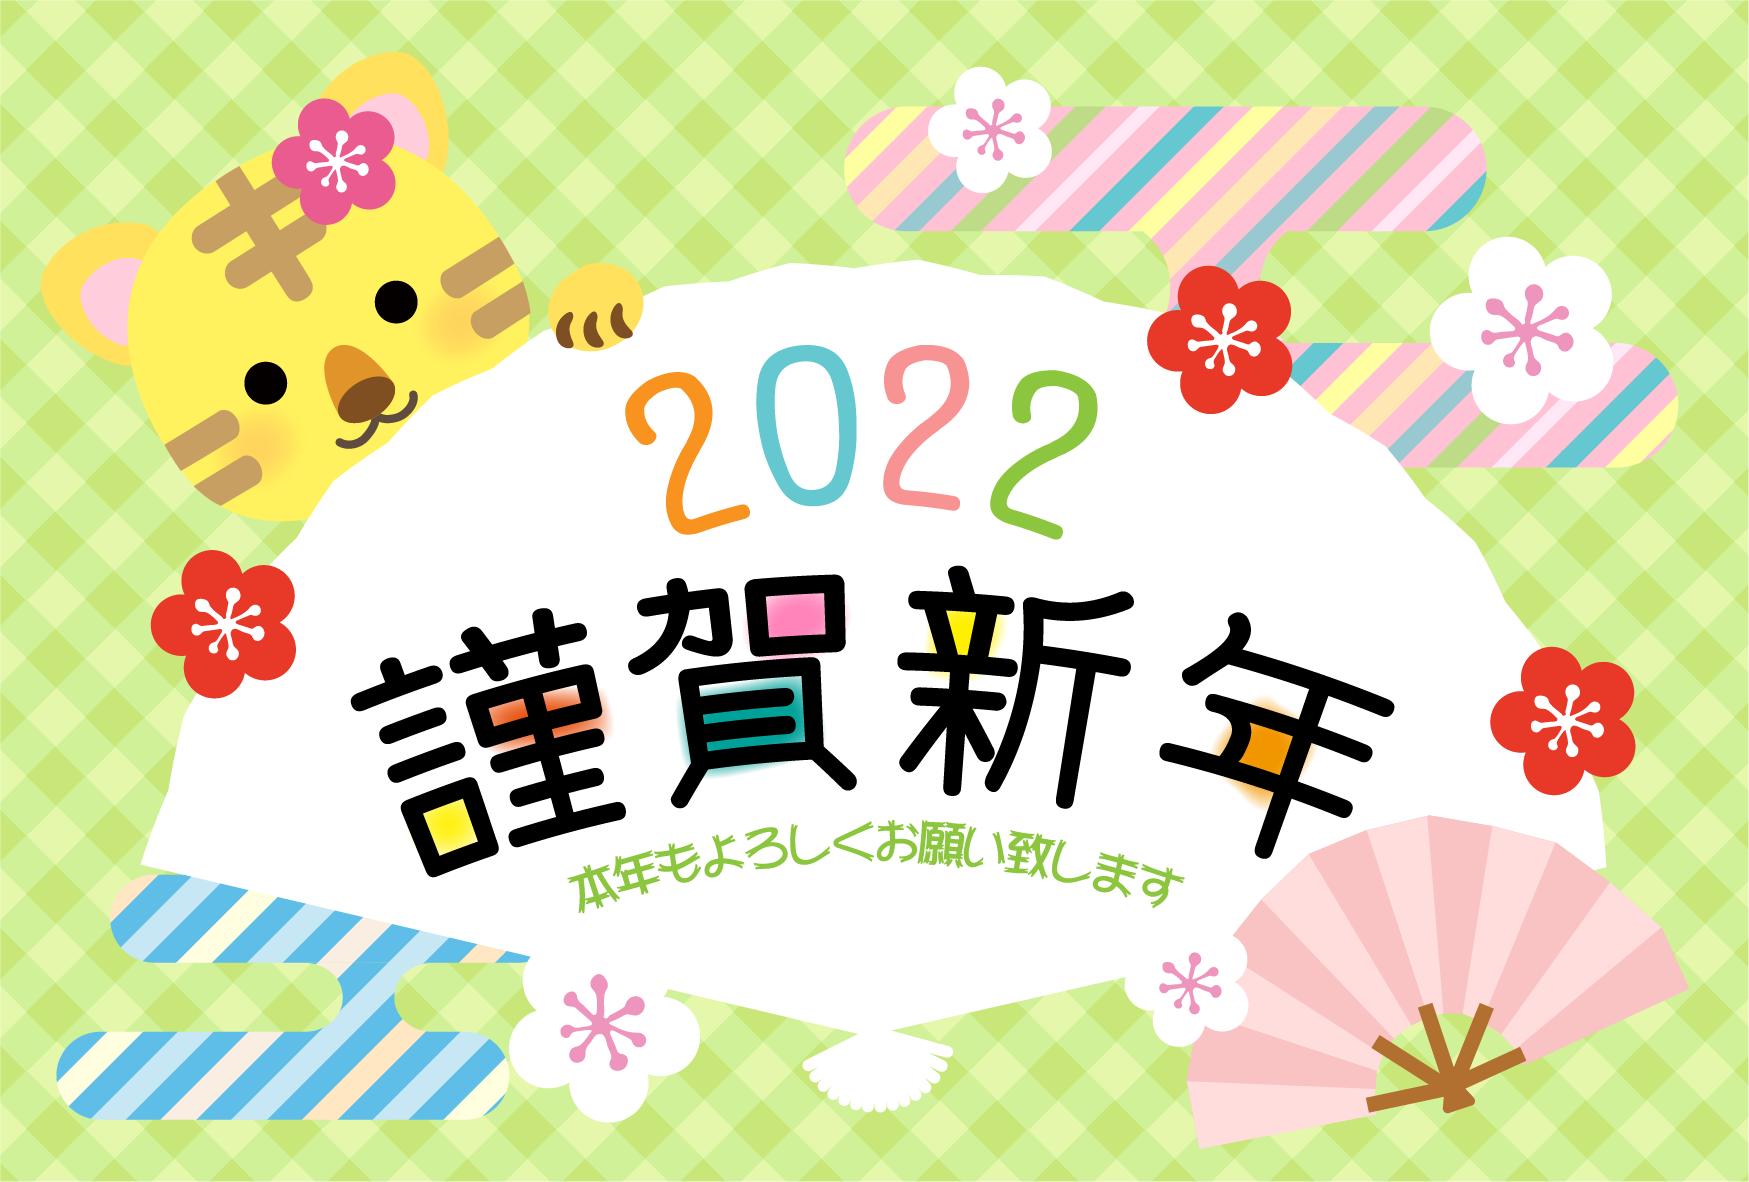 年賀状 2022年 無料デザインテンプレート(扇子模様)